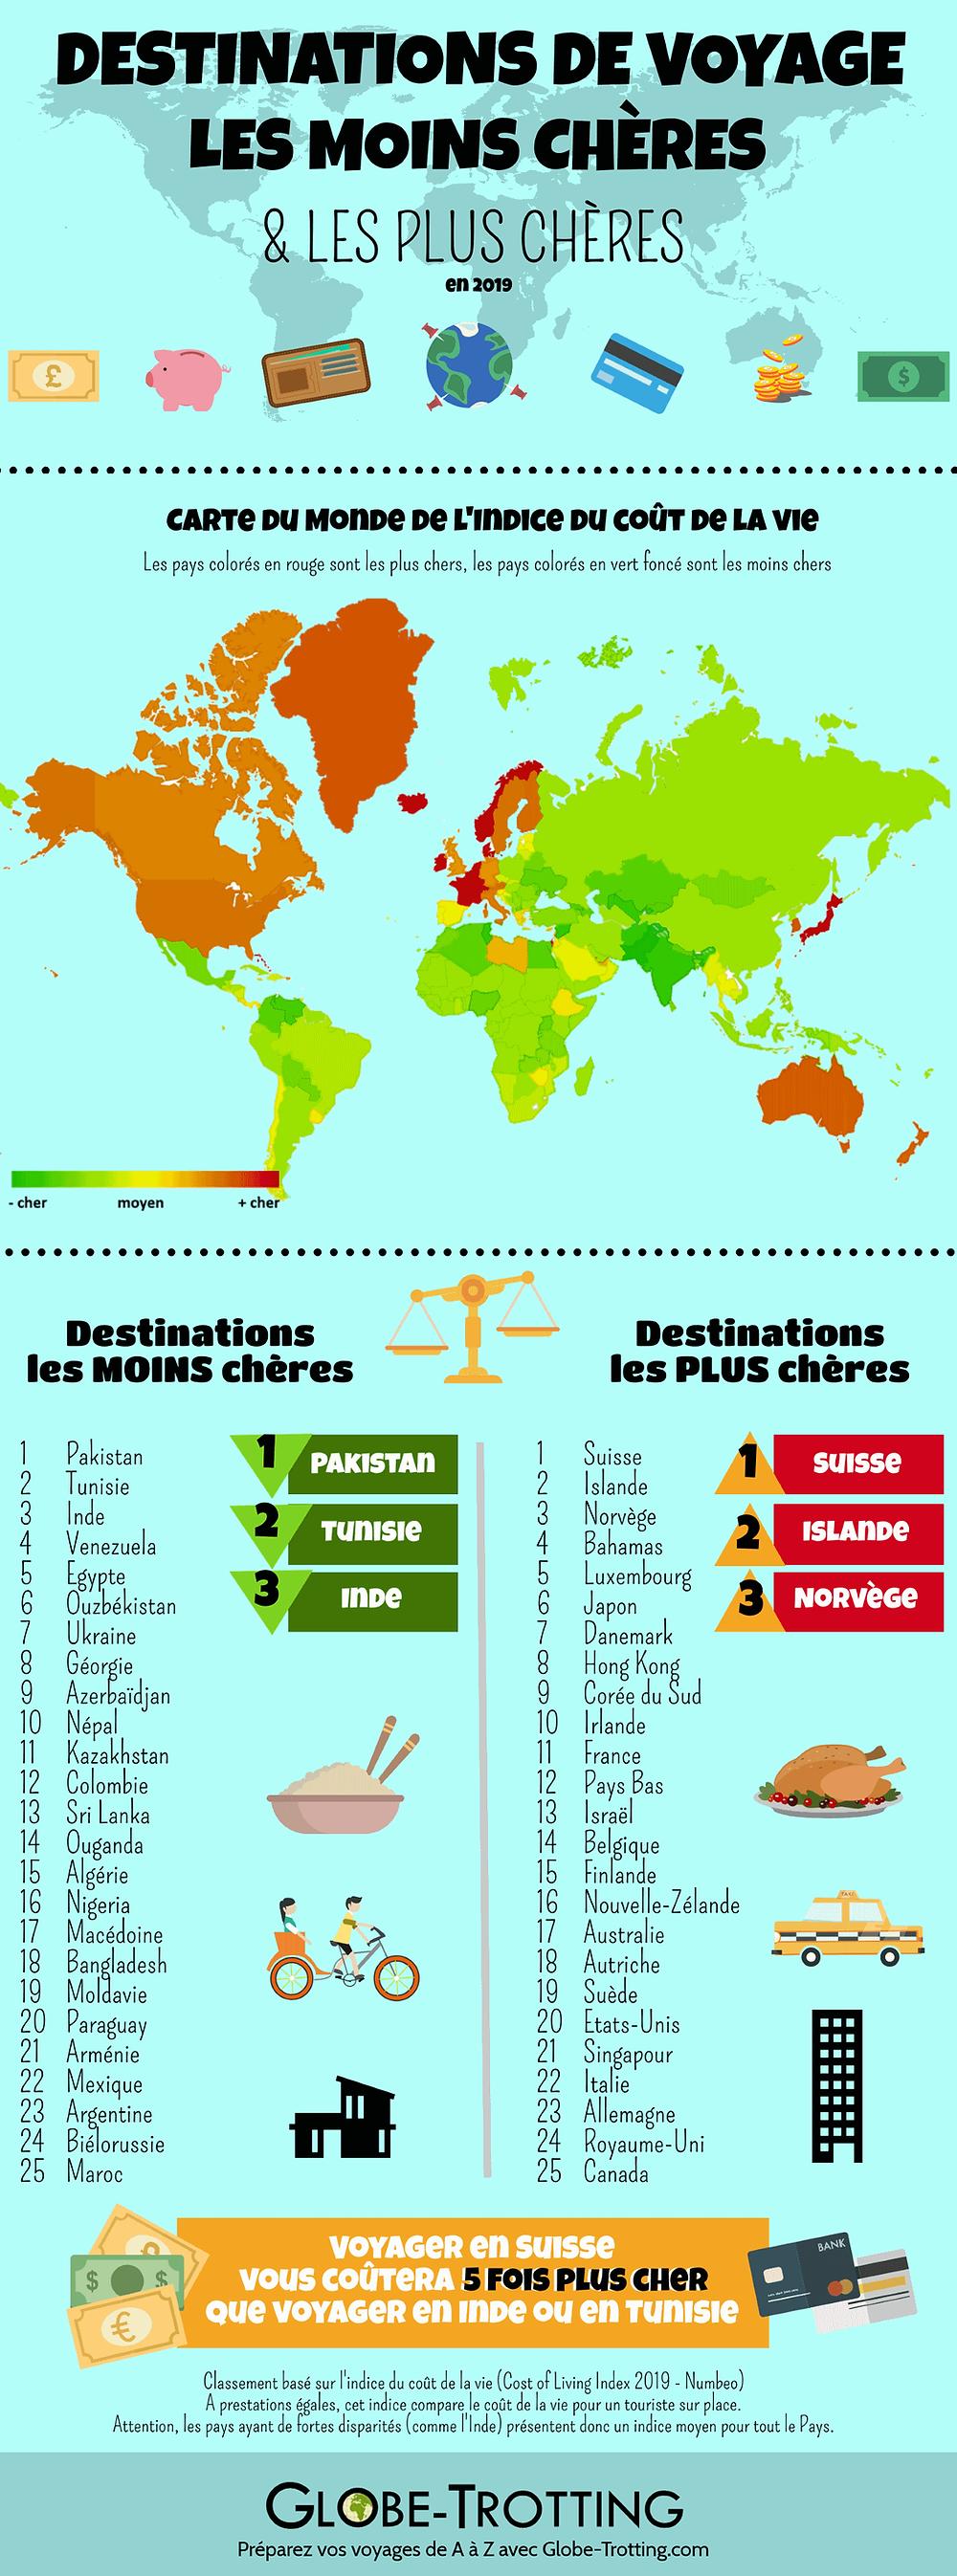 Infographie voyages les moins et plus chers du monde